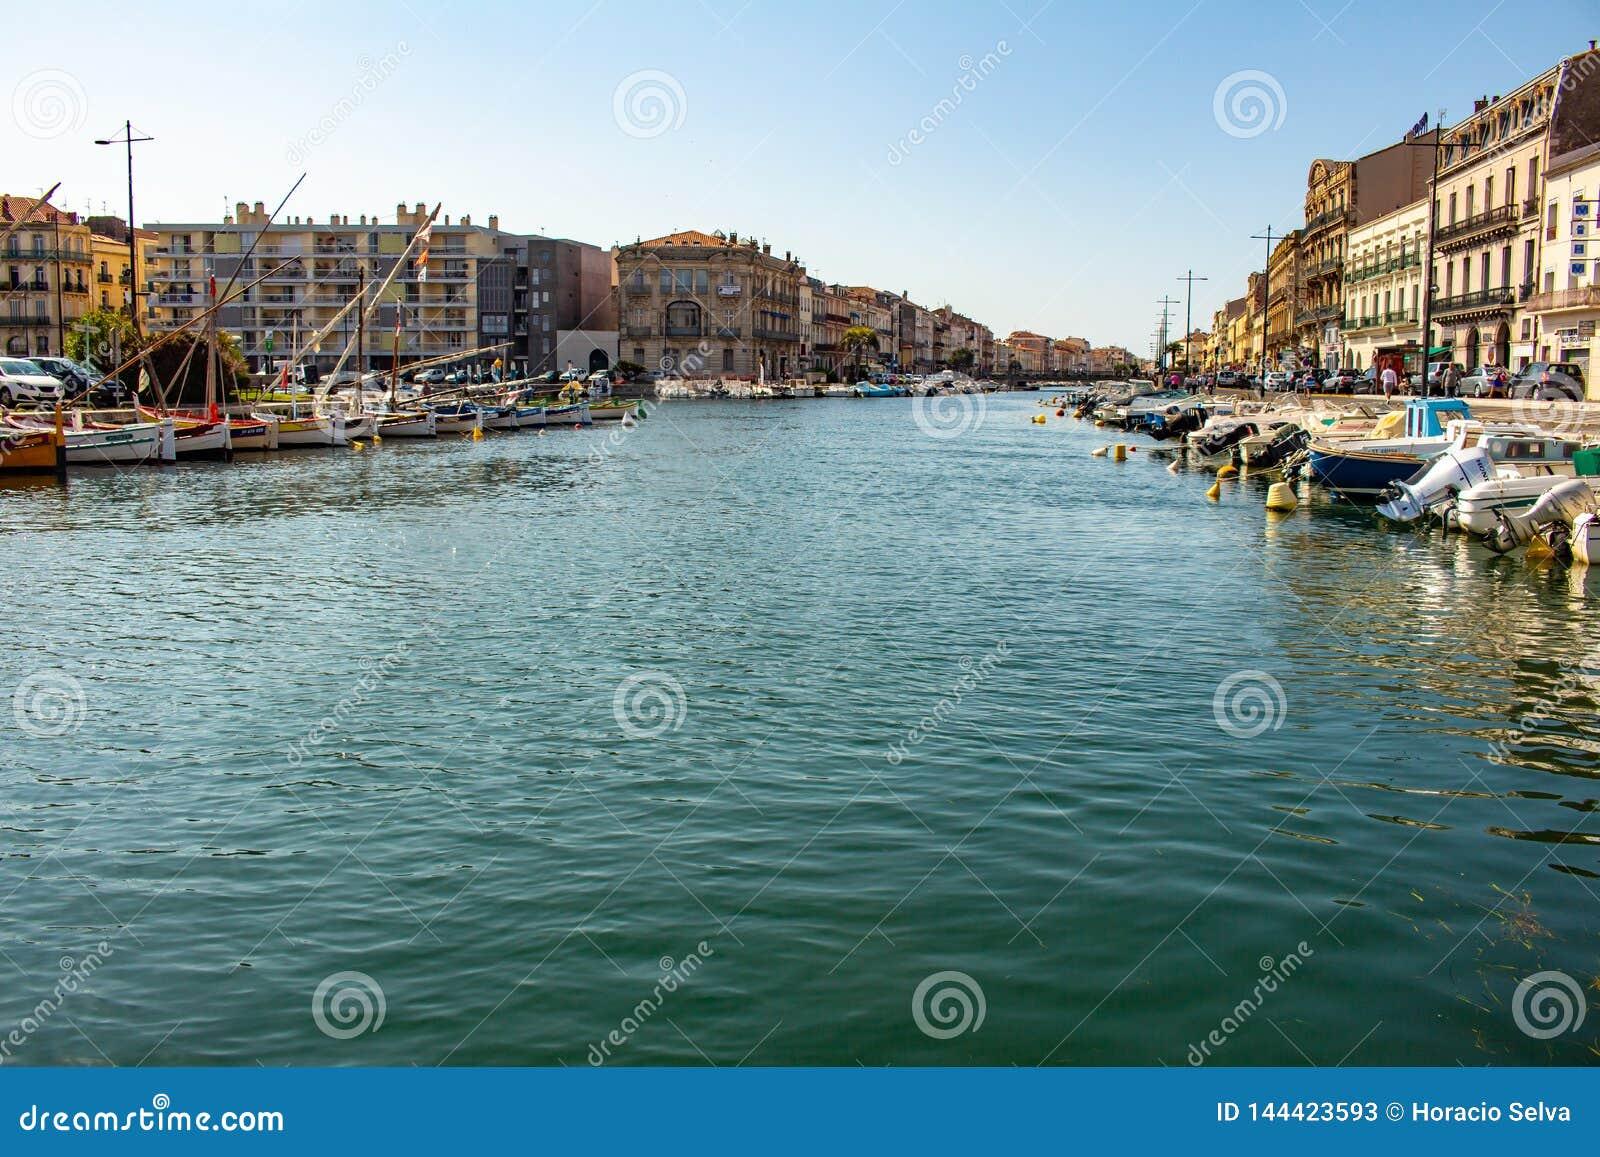 Sete, Francja Maj 20, 2018 Renesansowi budynki obok wod kanały miasto zaludniający małymi łódkami